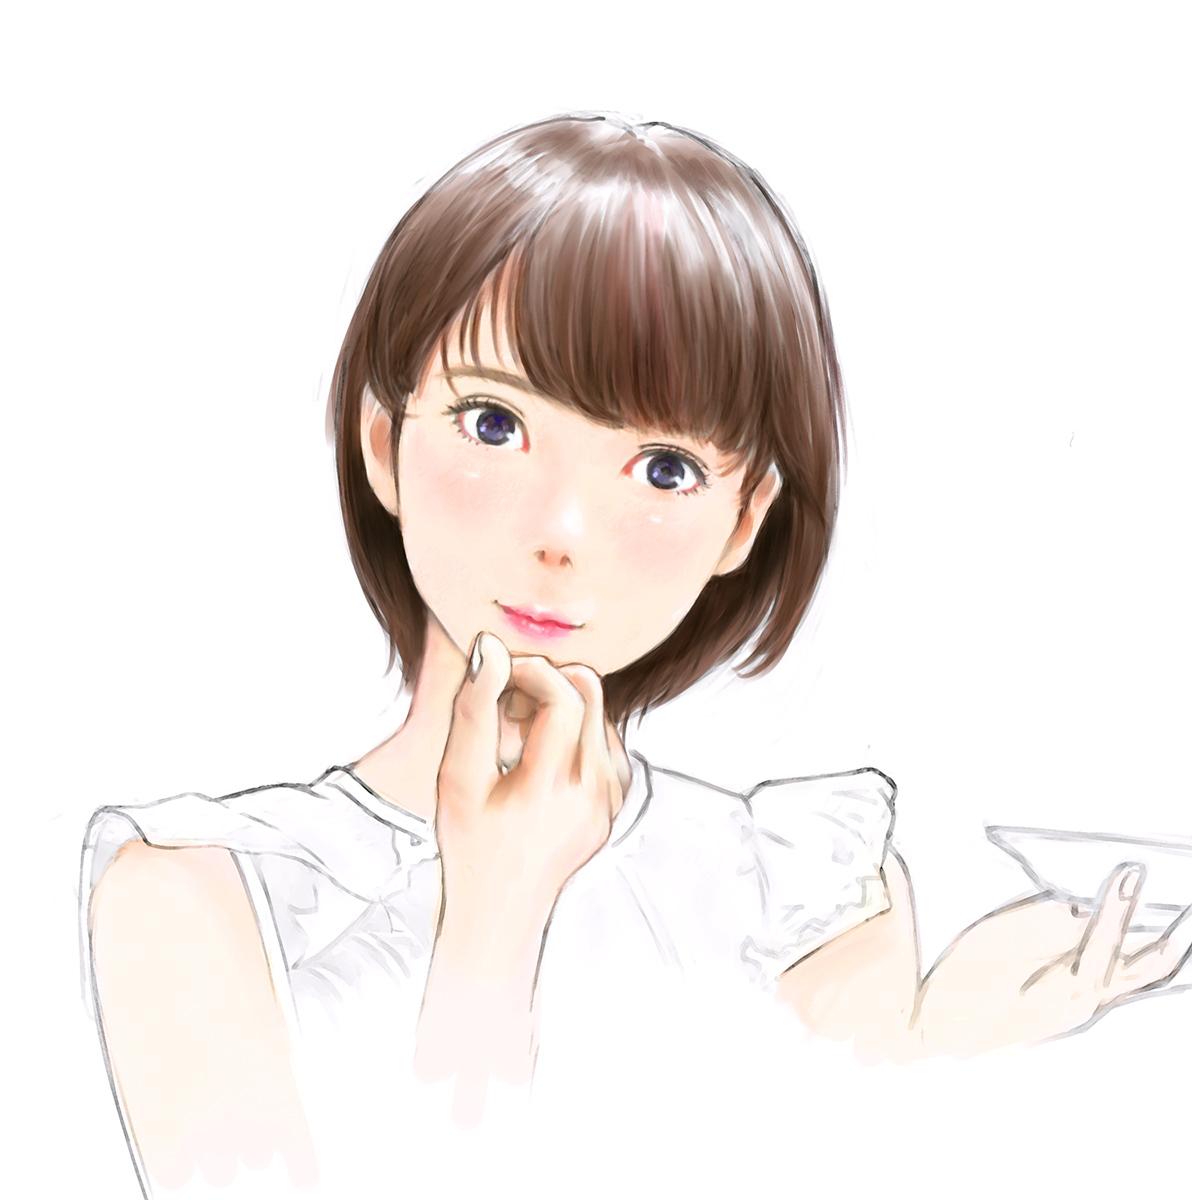 nanamingr02